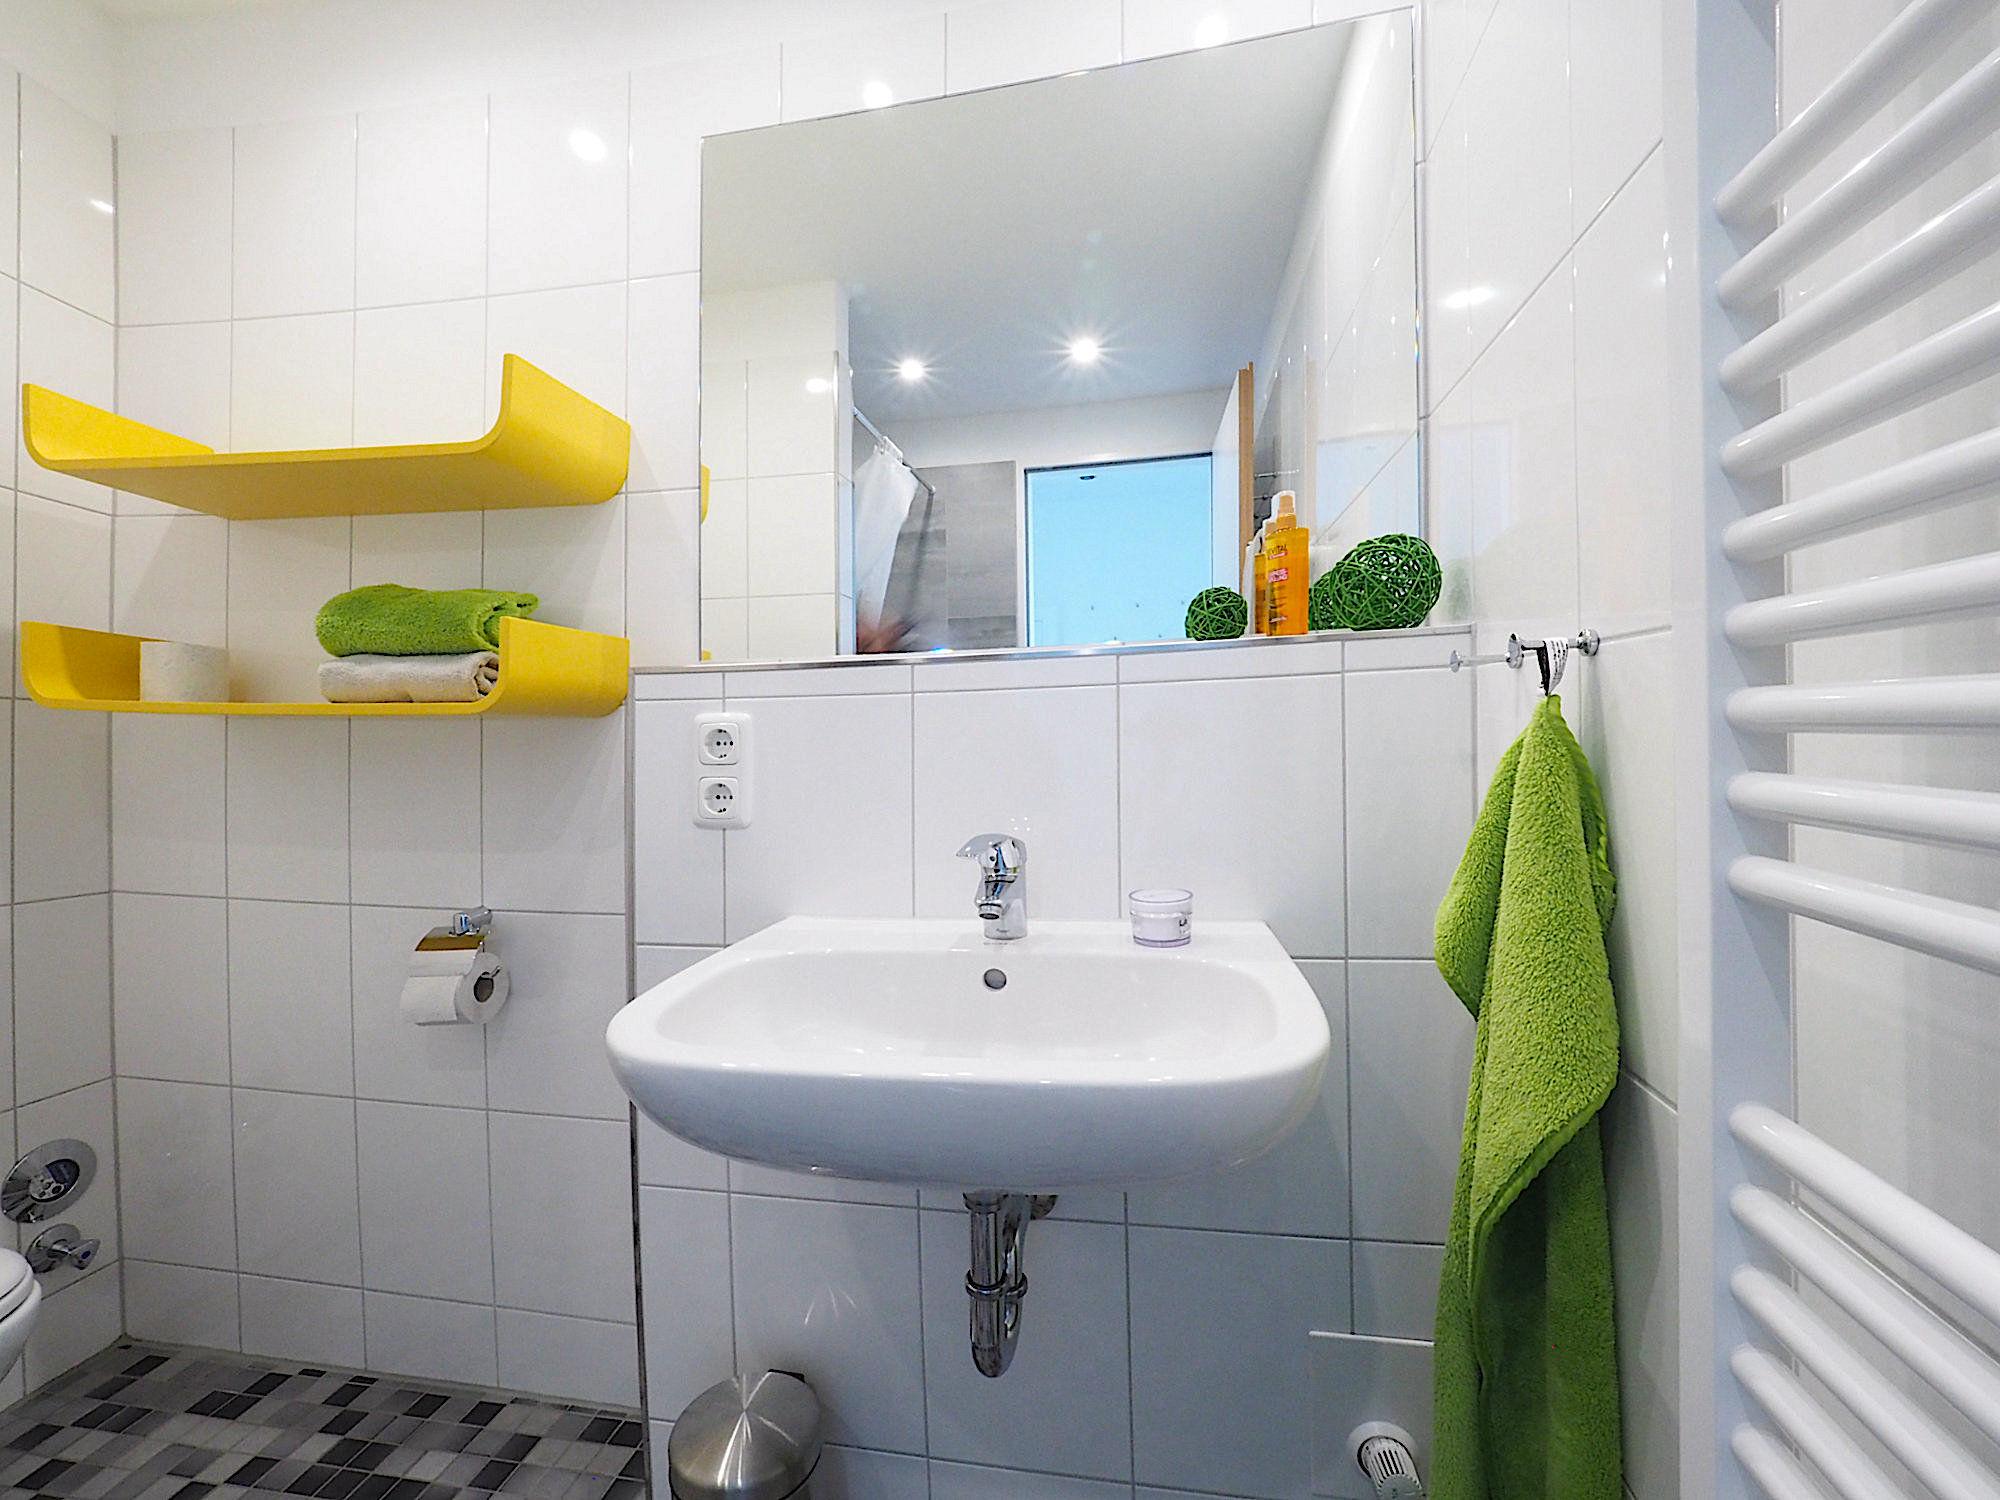 Duschbad mit zwei Regalen, Waschbecken und Handtuchheizung